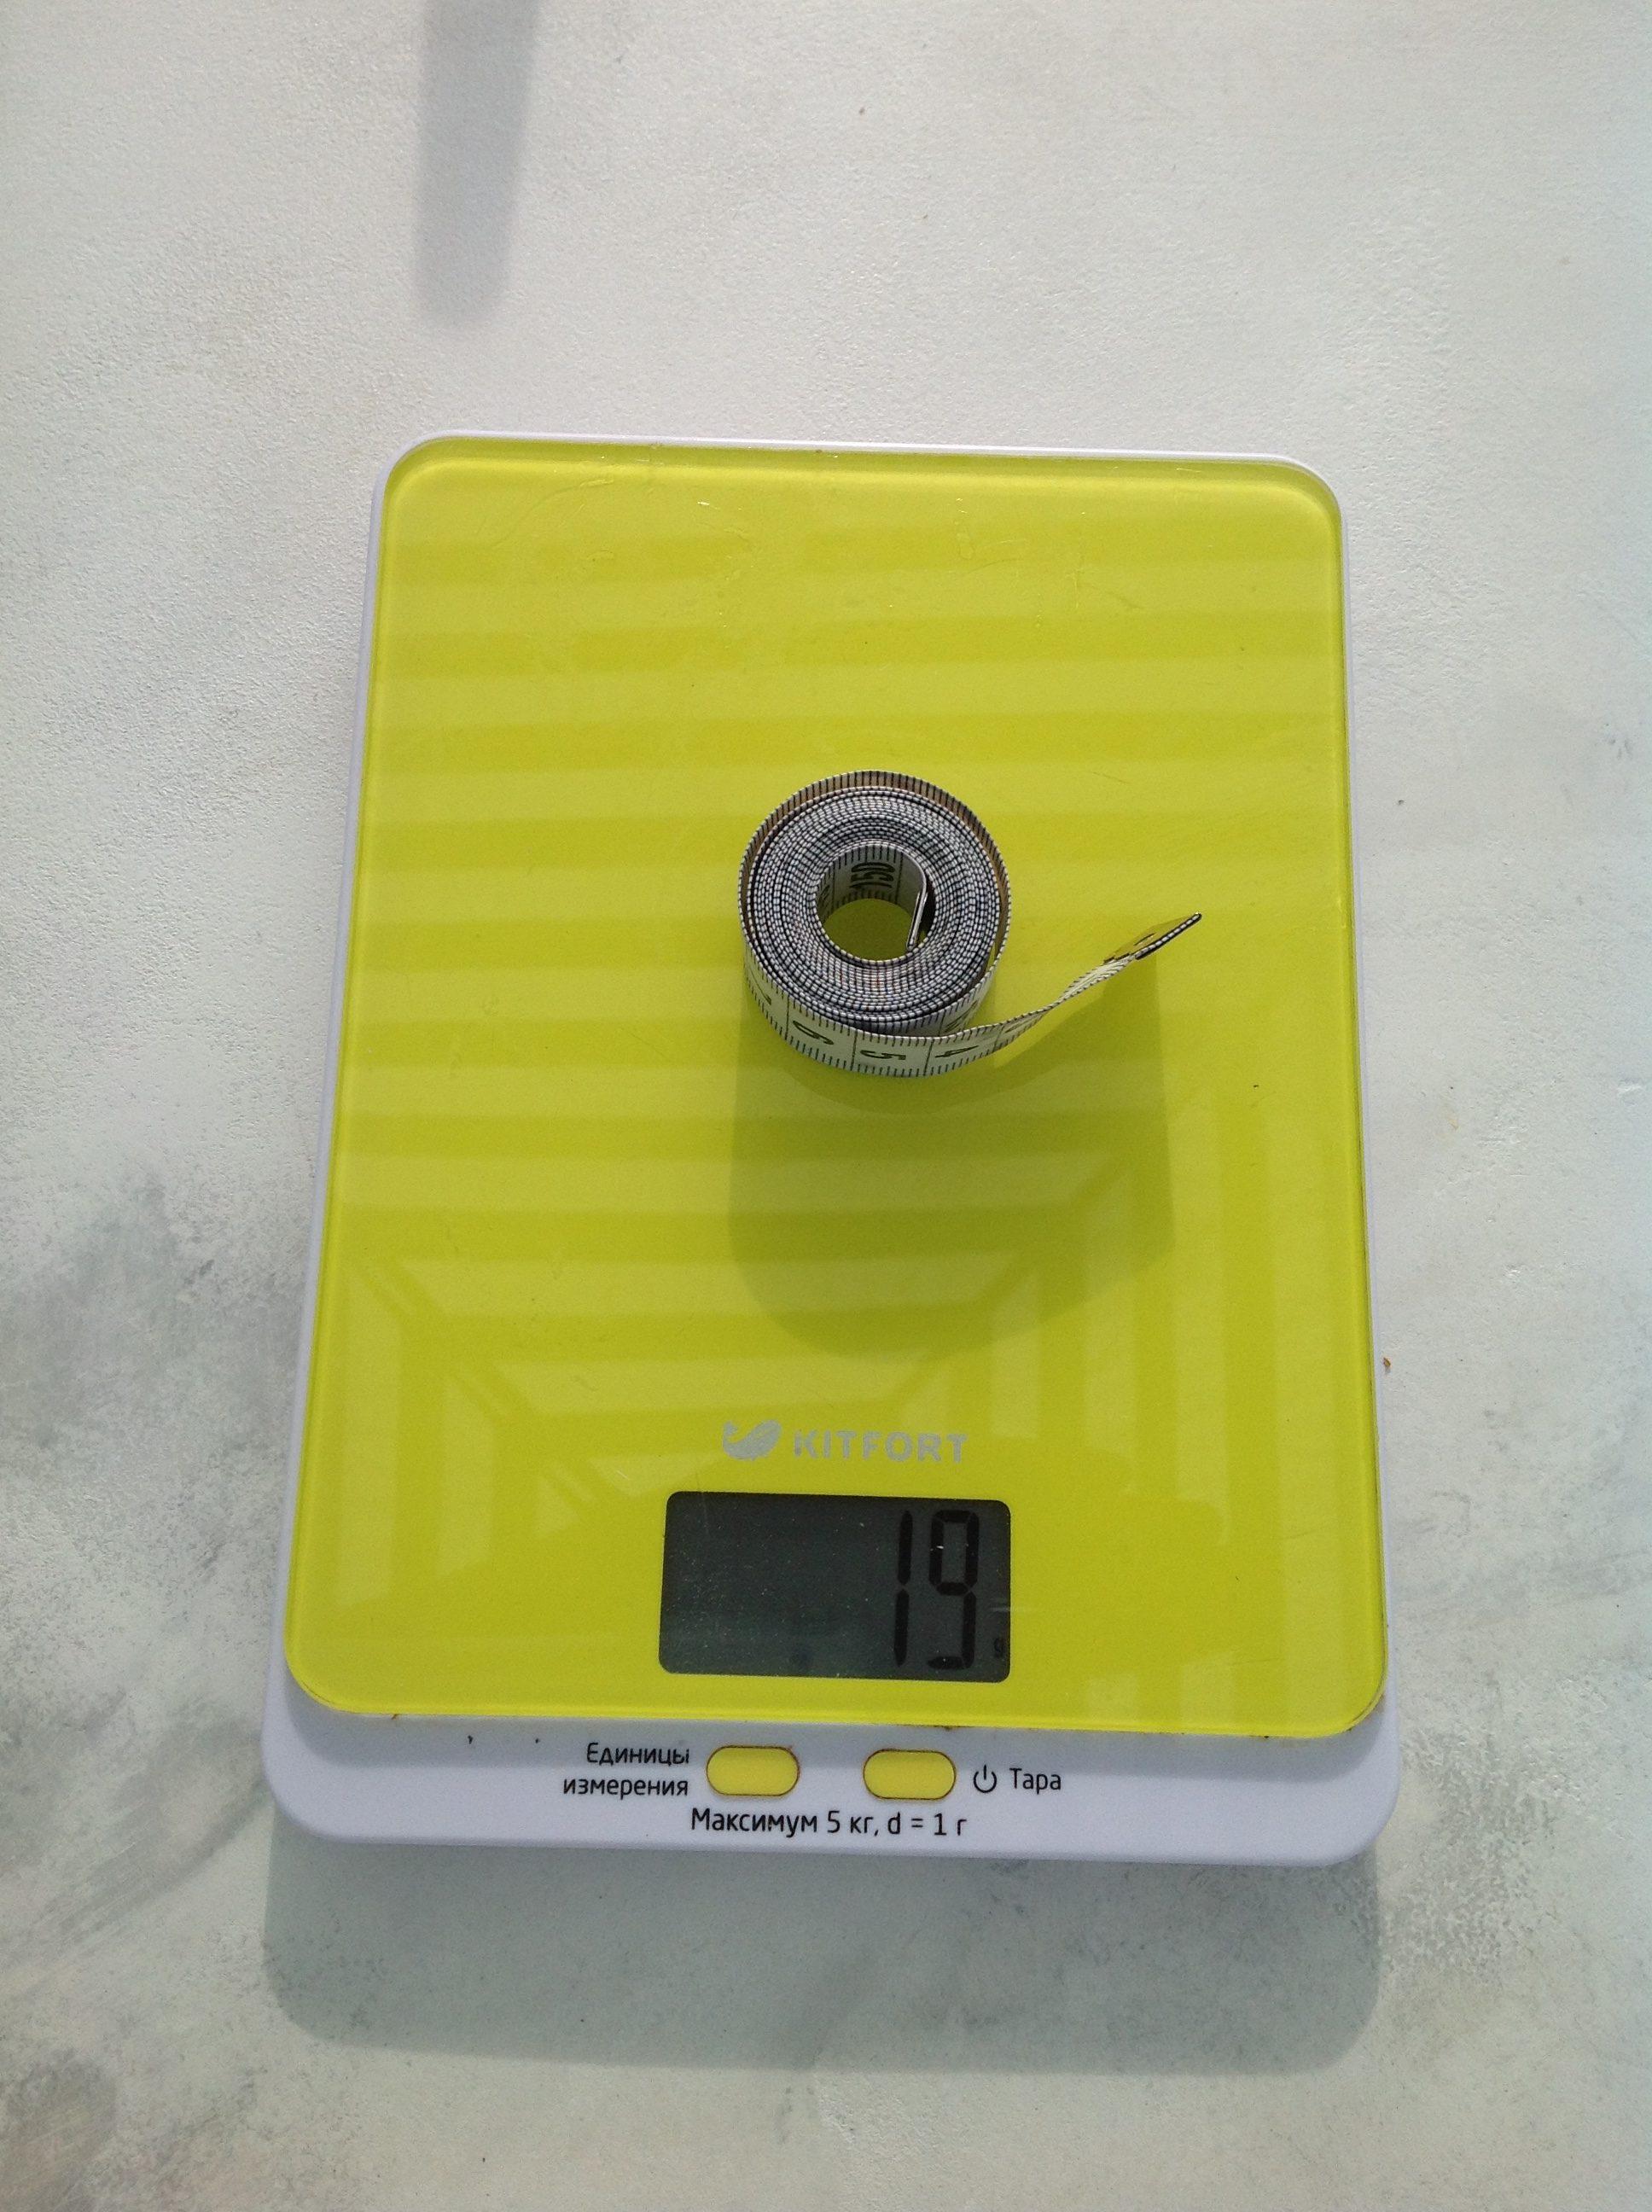 вес сантиметровой ленты